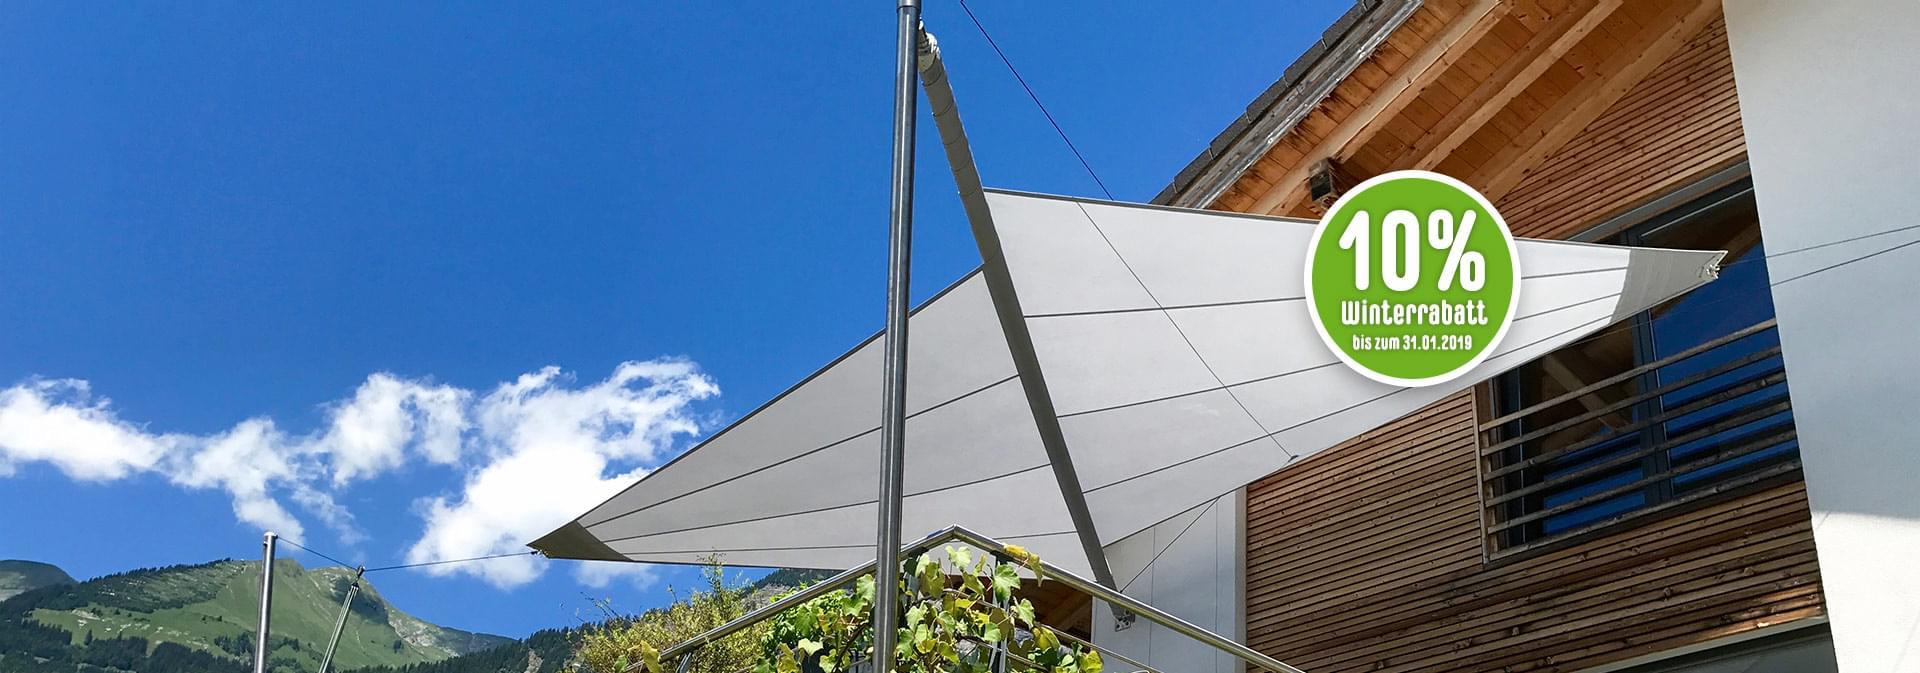 Sonnensegel Fur Den Perfekten Sonnenschutz Direkt Vom Segelmacher